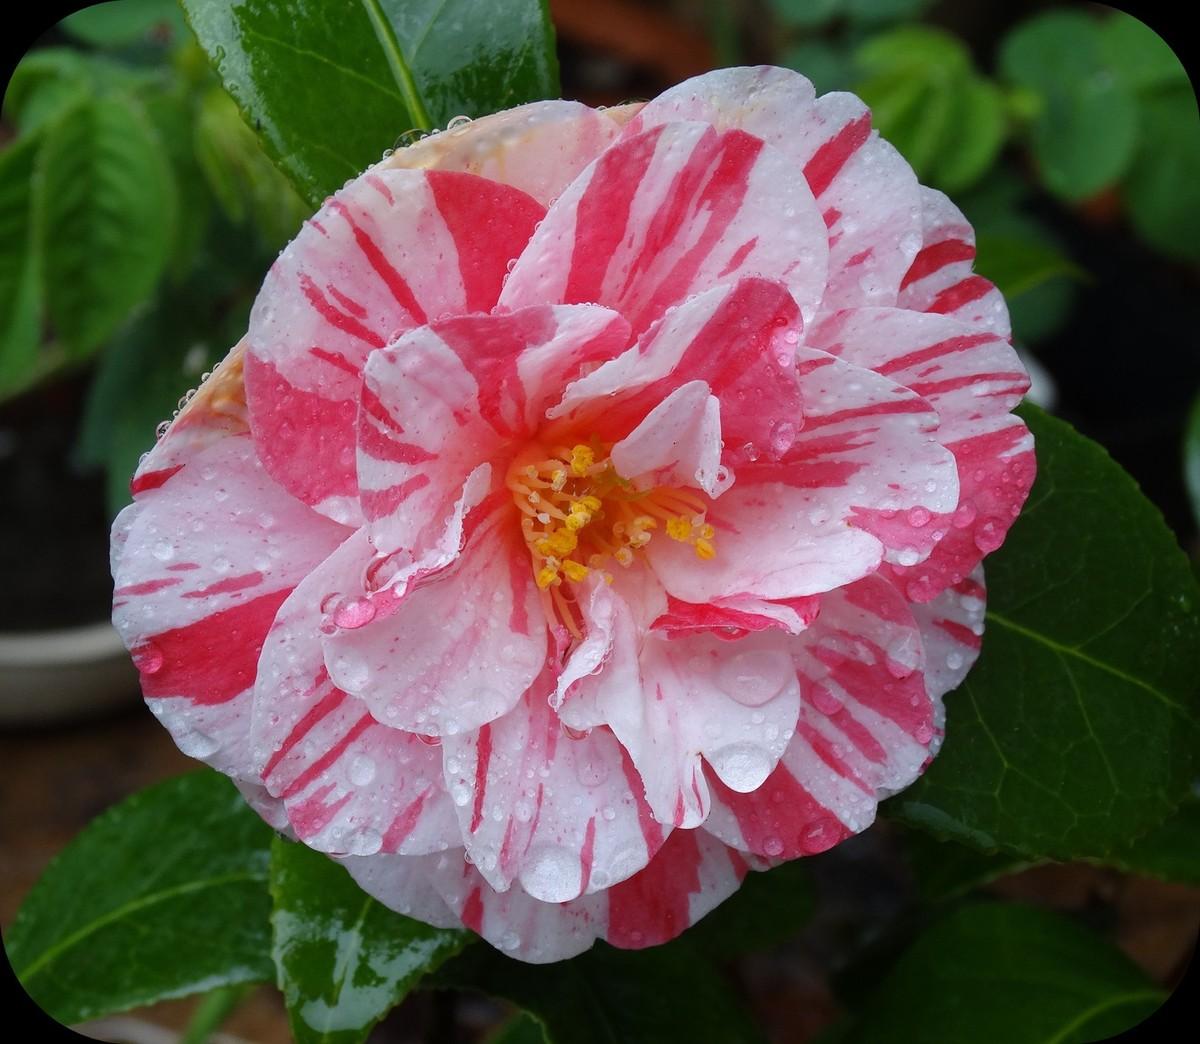 Perles de pluie sur fleur de camélia...